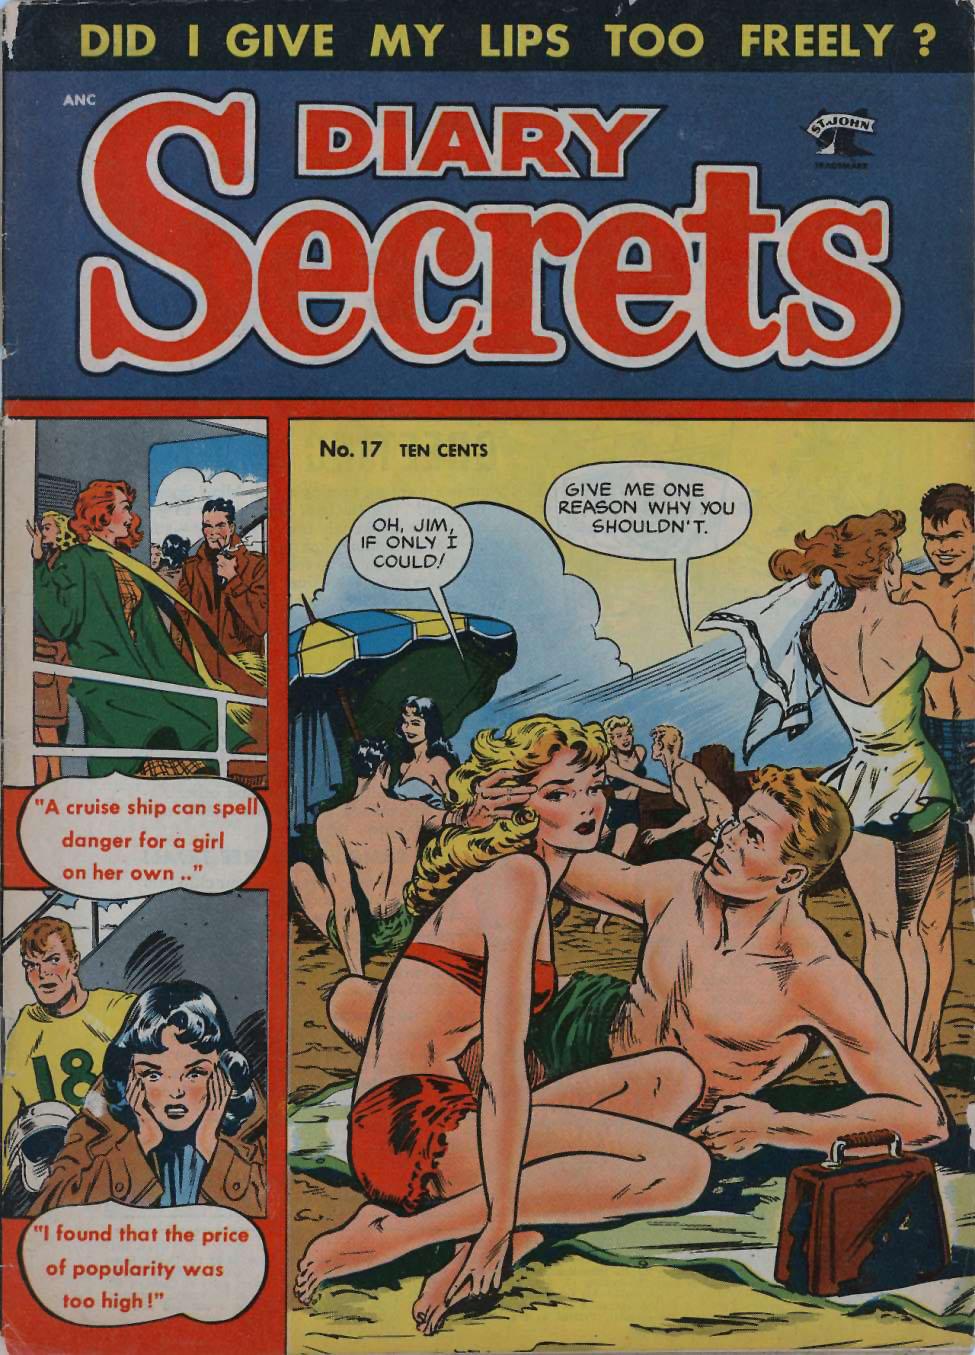 Diary Secrets #17, St. John